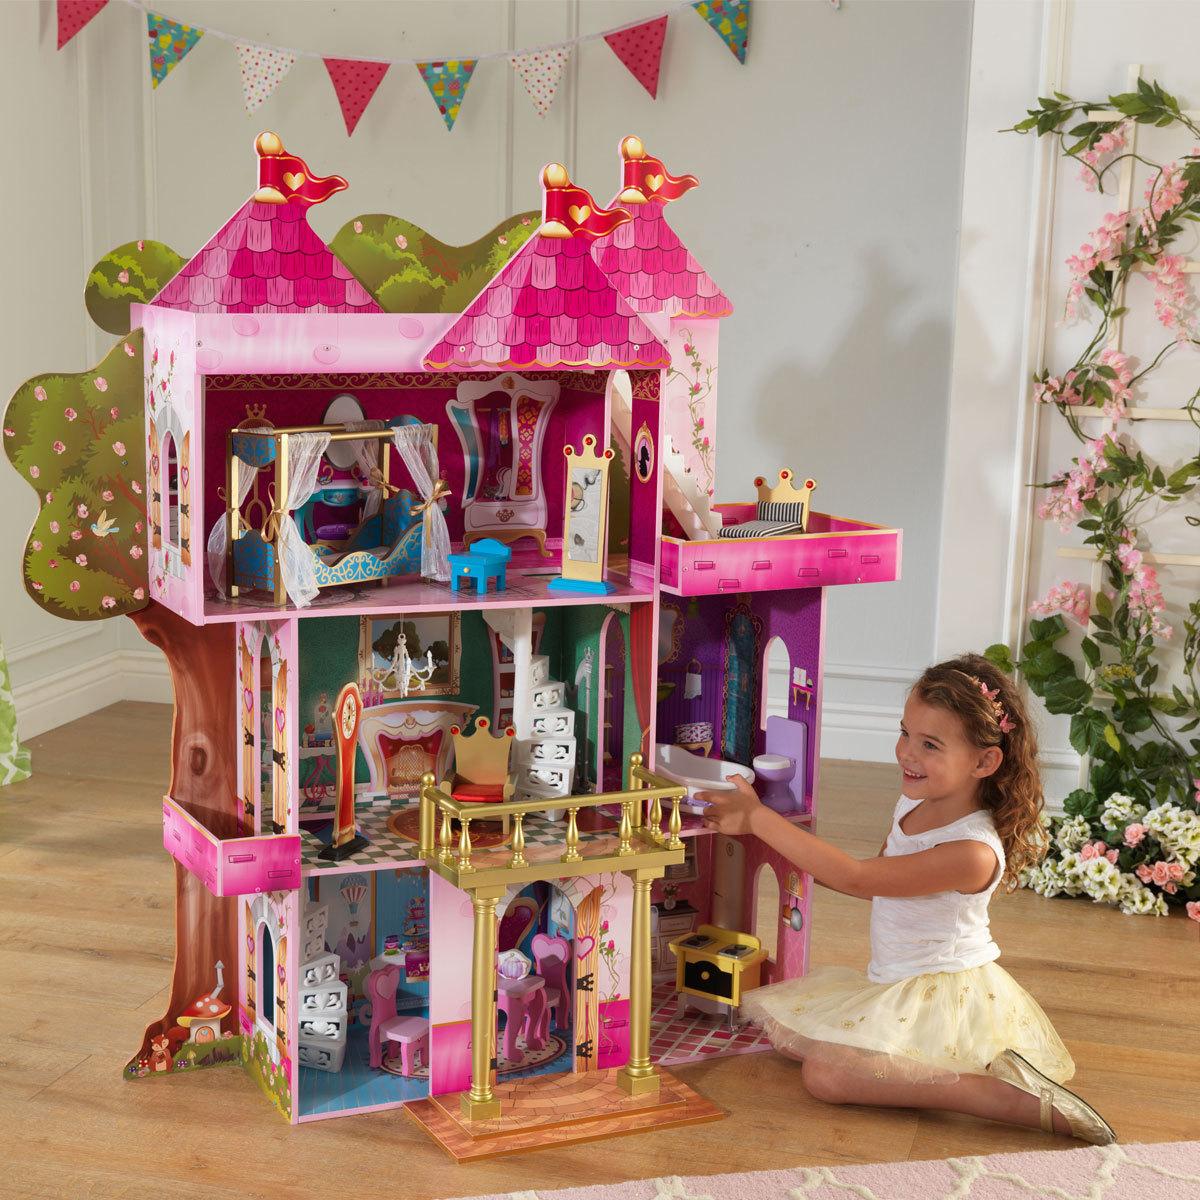 игровые детские кукольные домики из пластика комментарии юристов